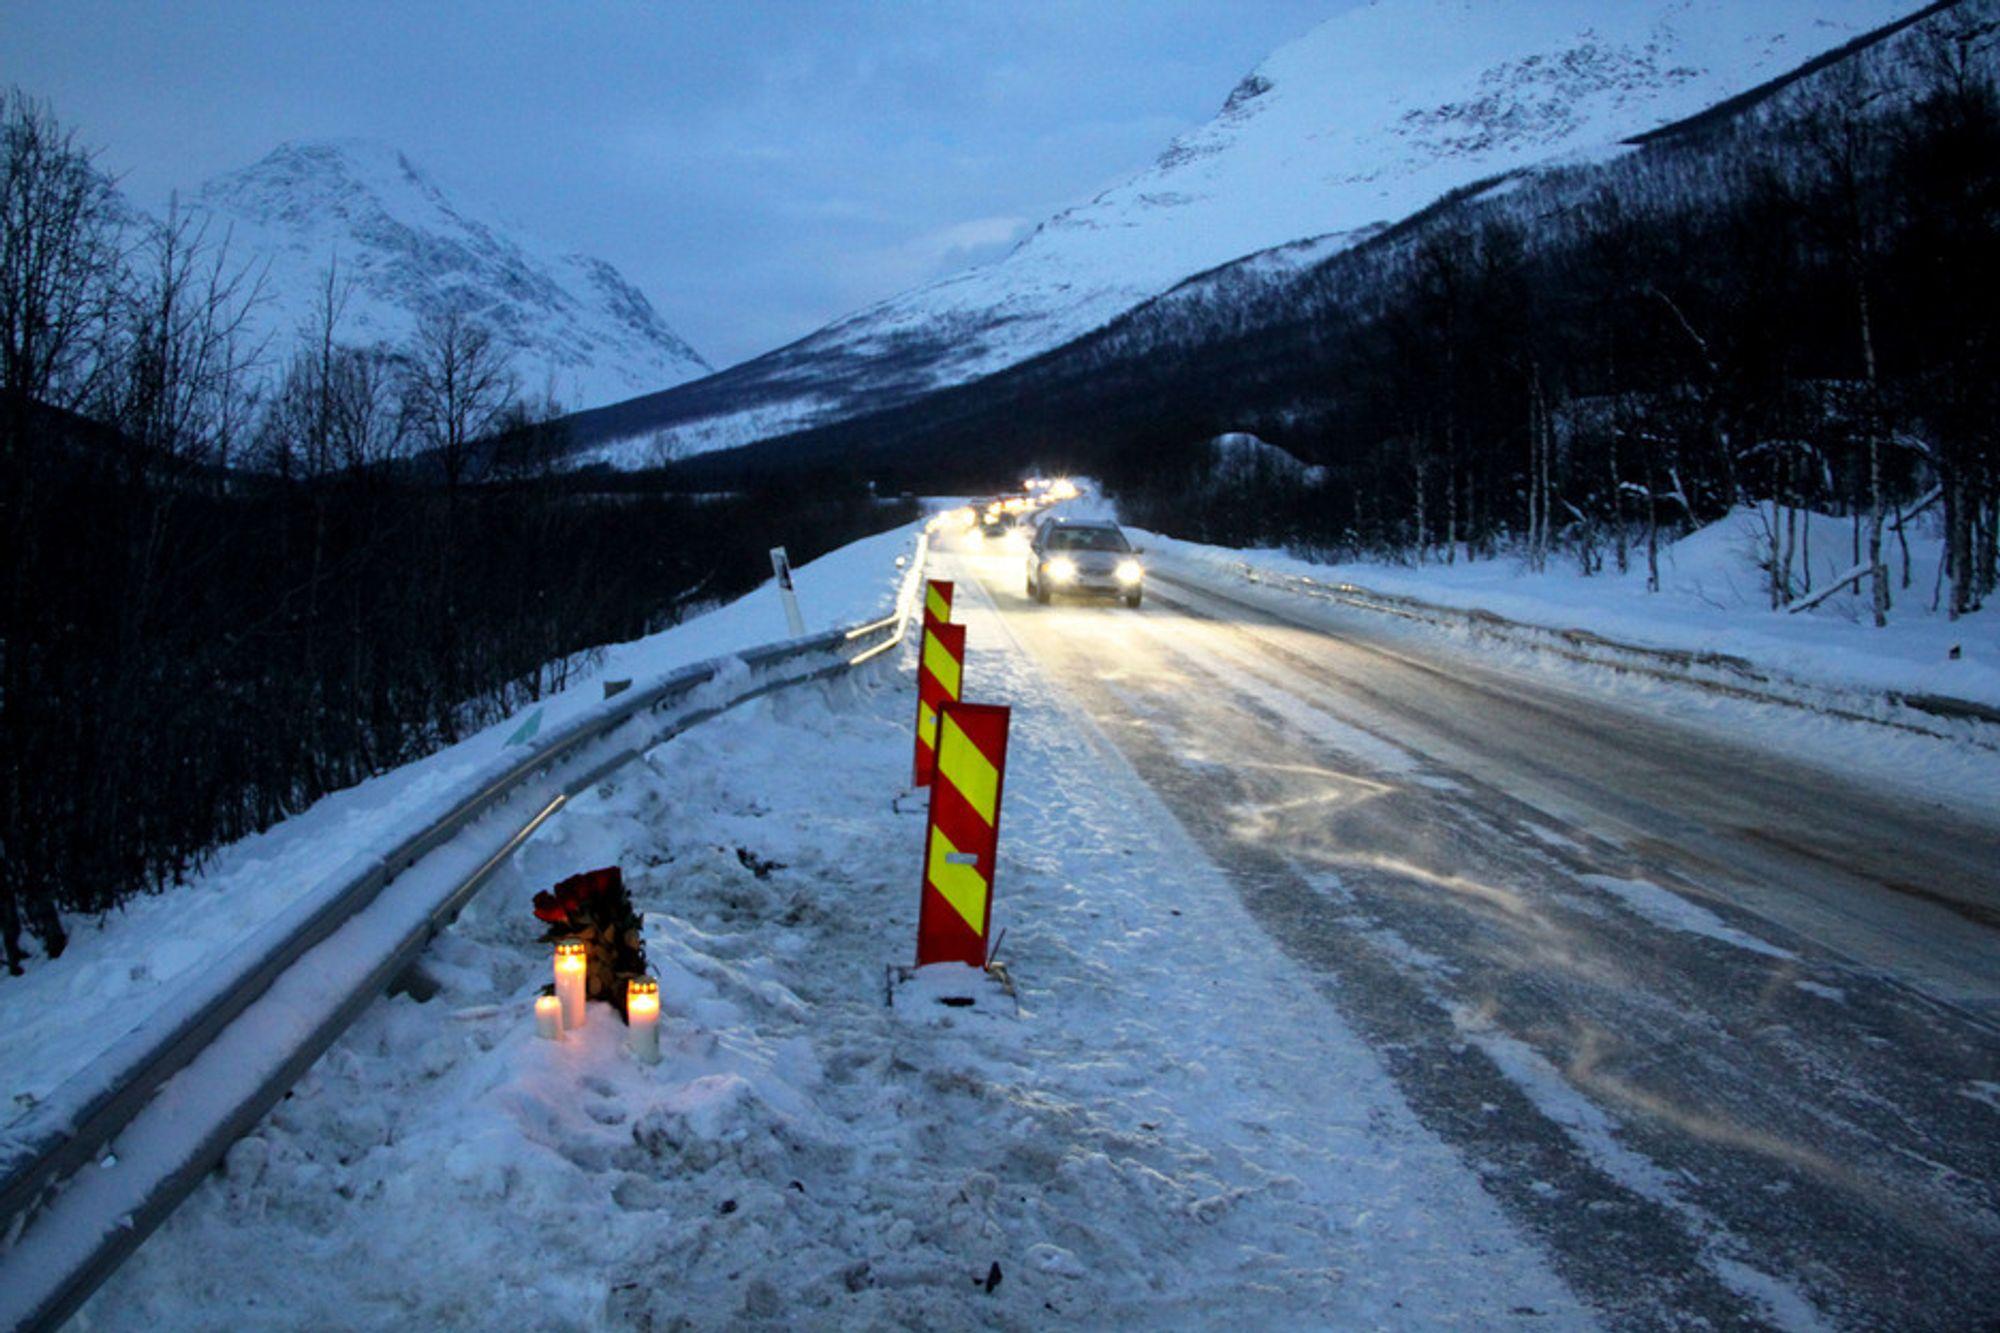 TRAGEDIE: Fem mennesker mistet livet og mange ble skadet under ulykken i Lavangsdalen 7. januar.